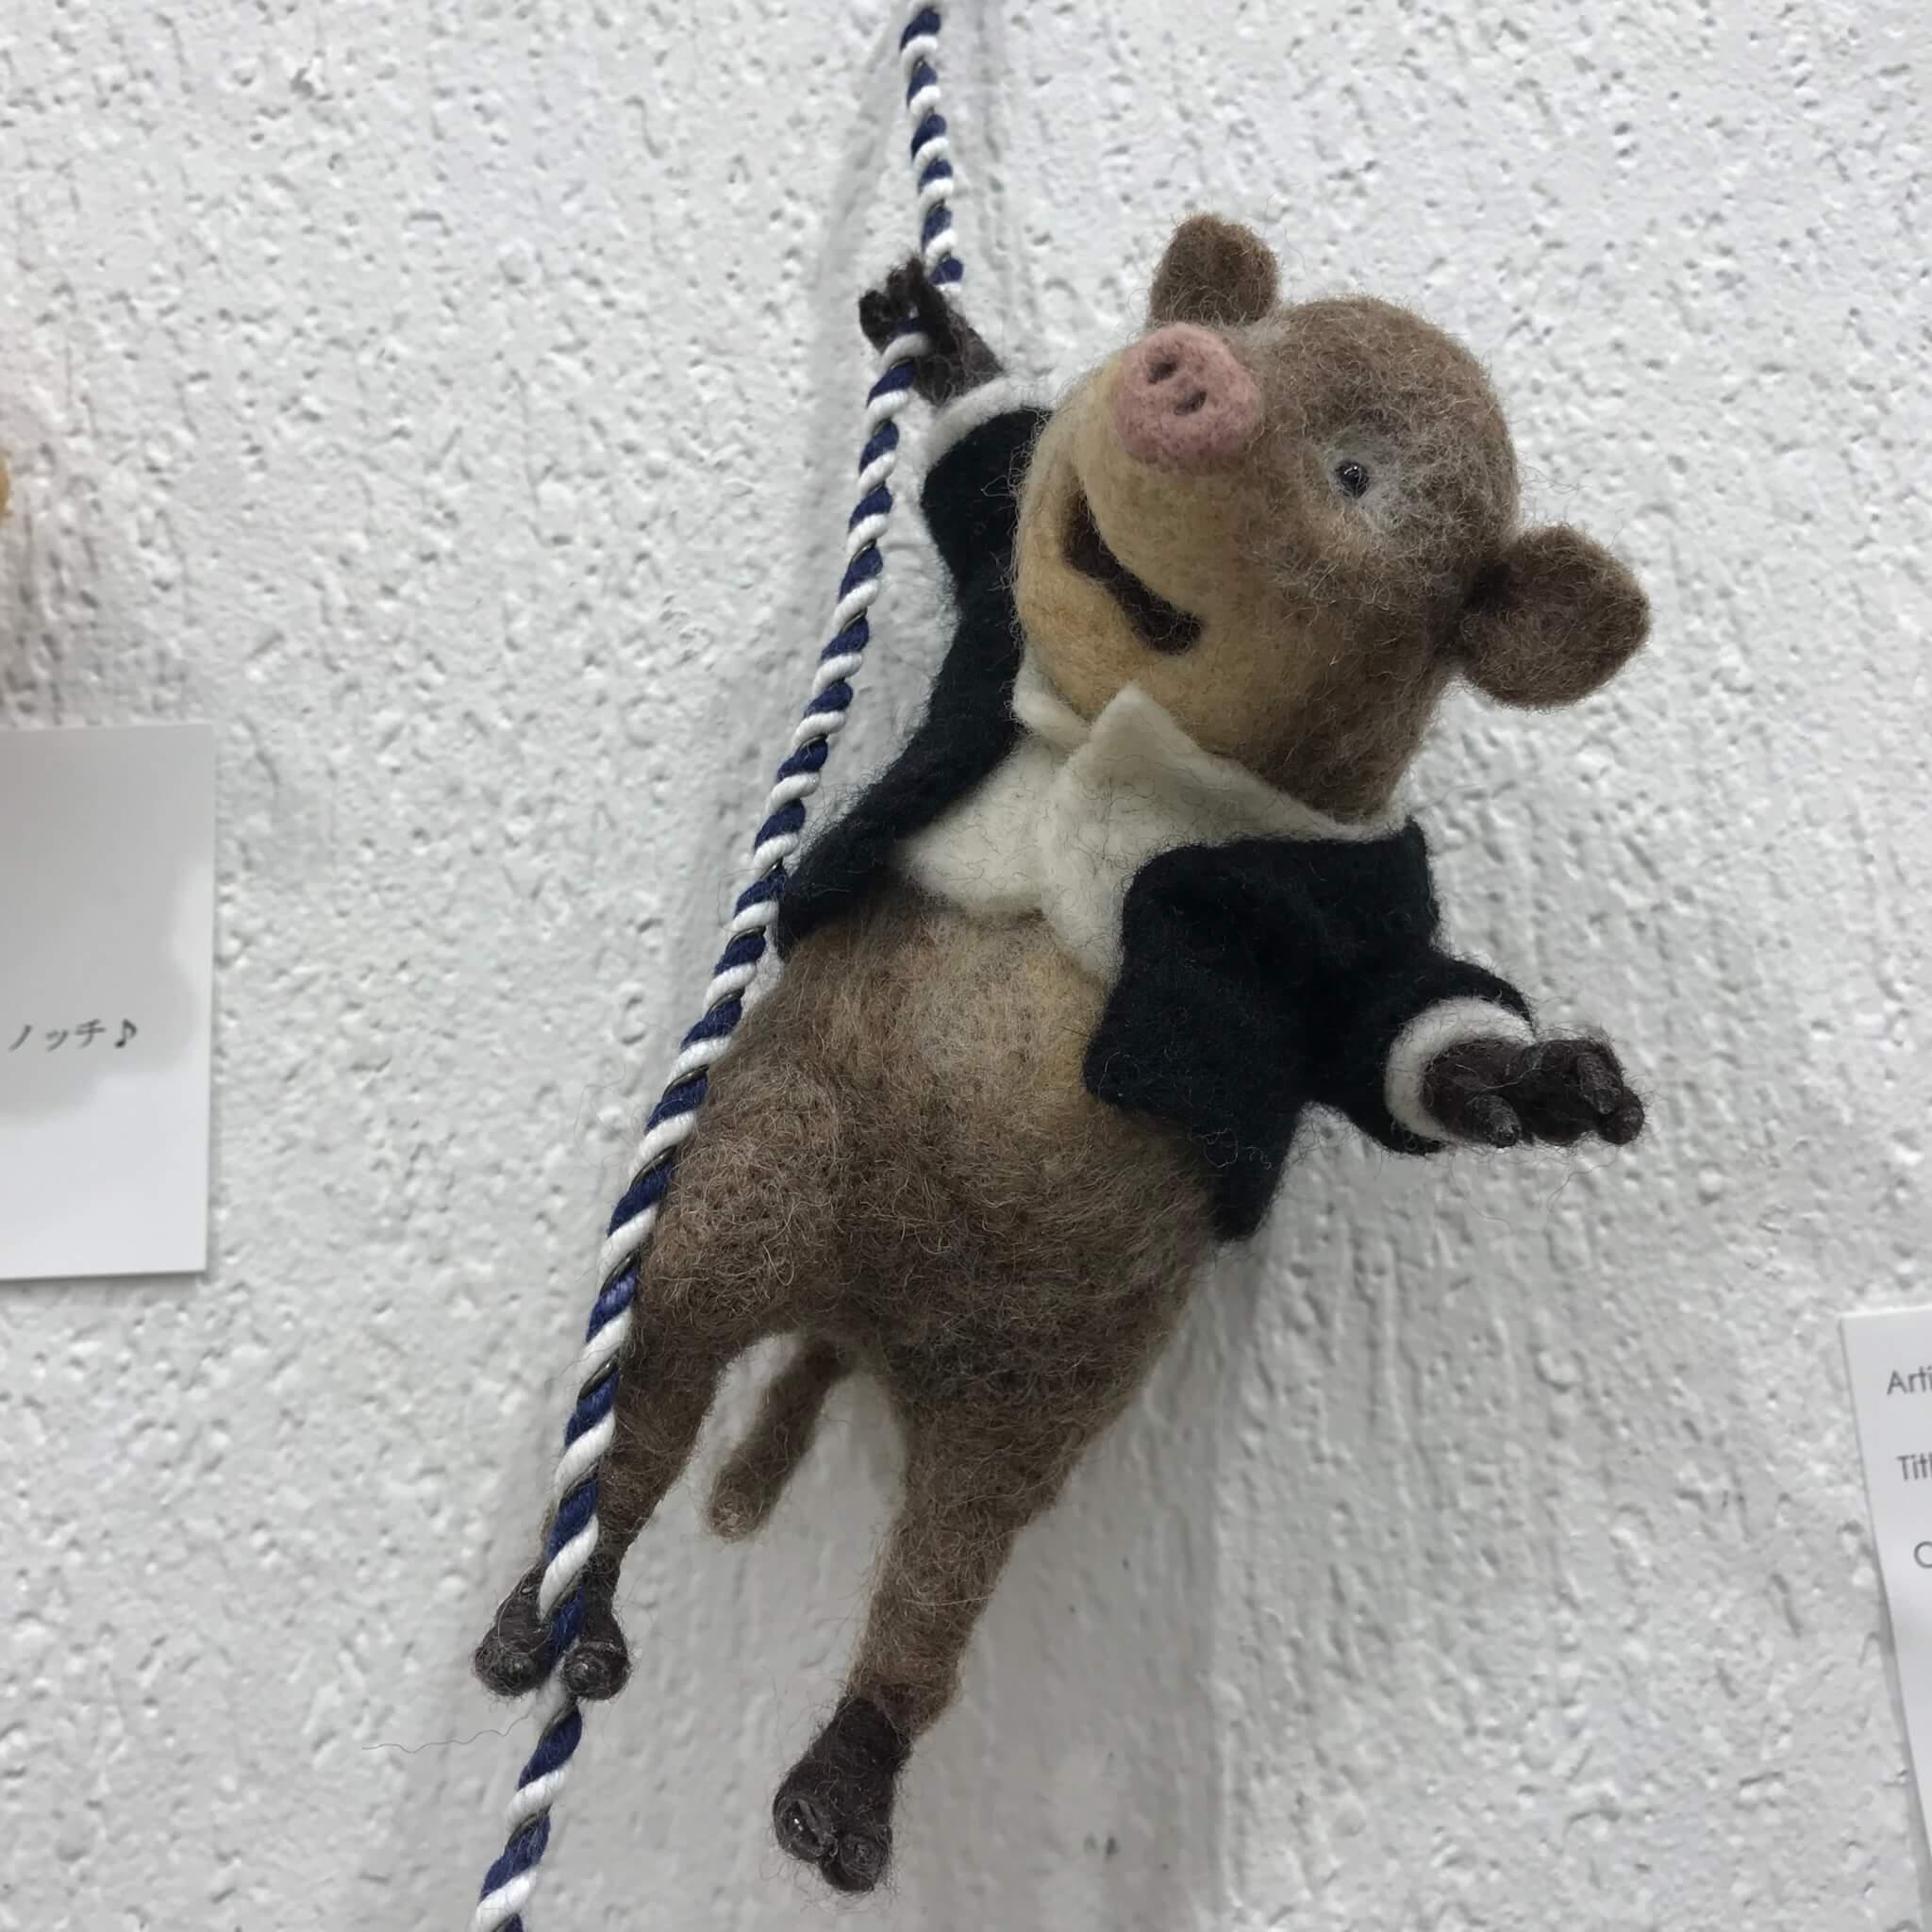 羊毛フェルト作品展での「イノシシ」作品のご紹介(4)